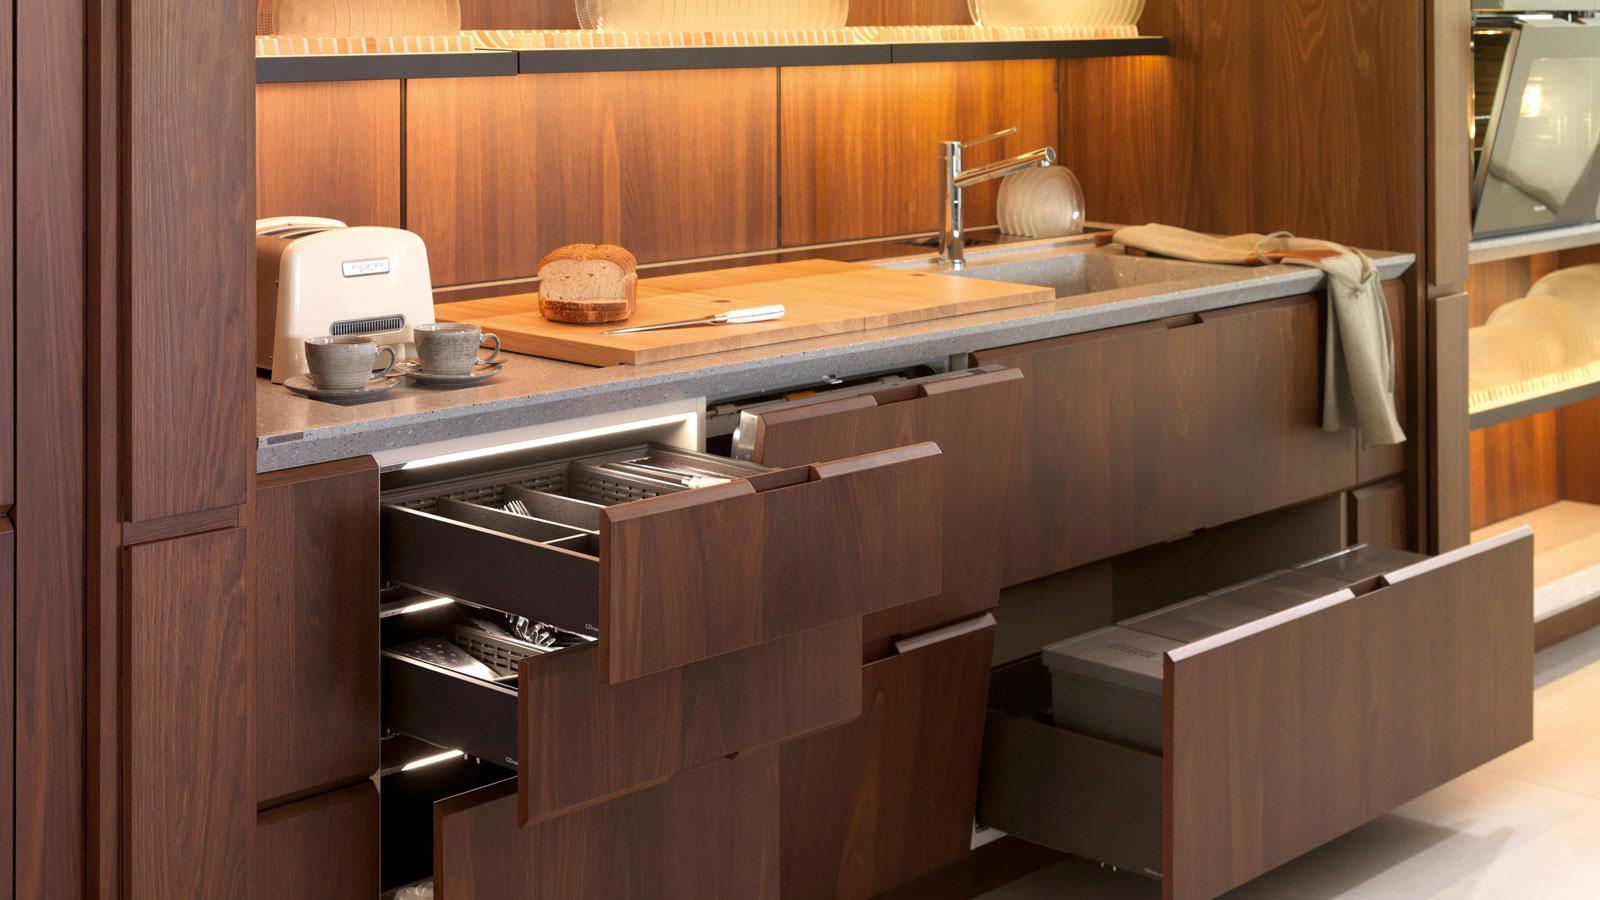 muebles-de-cocina-modernos-lujo-almacenaje-interior-cocinas-madrid-22